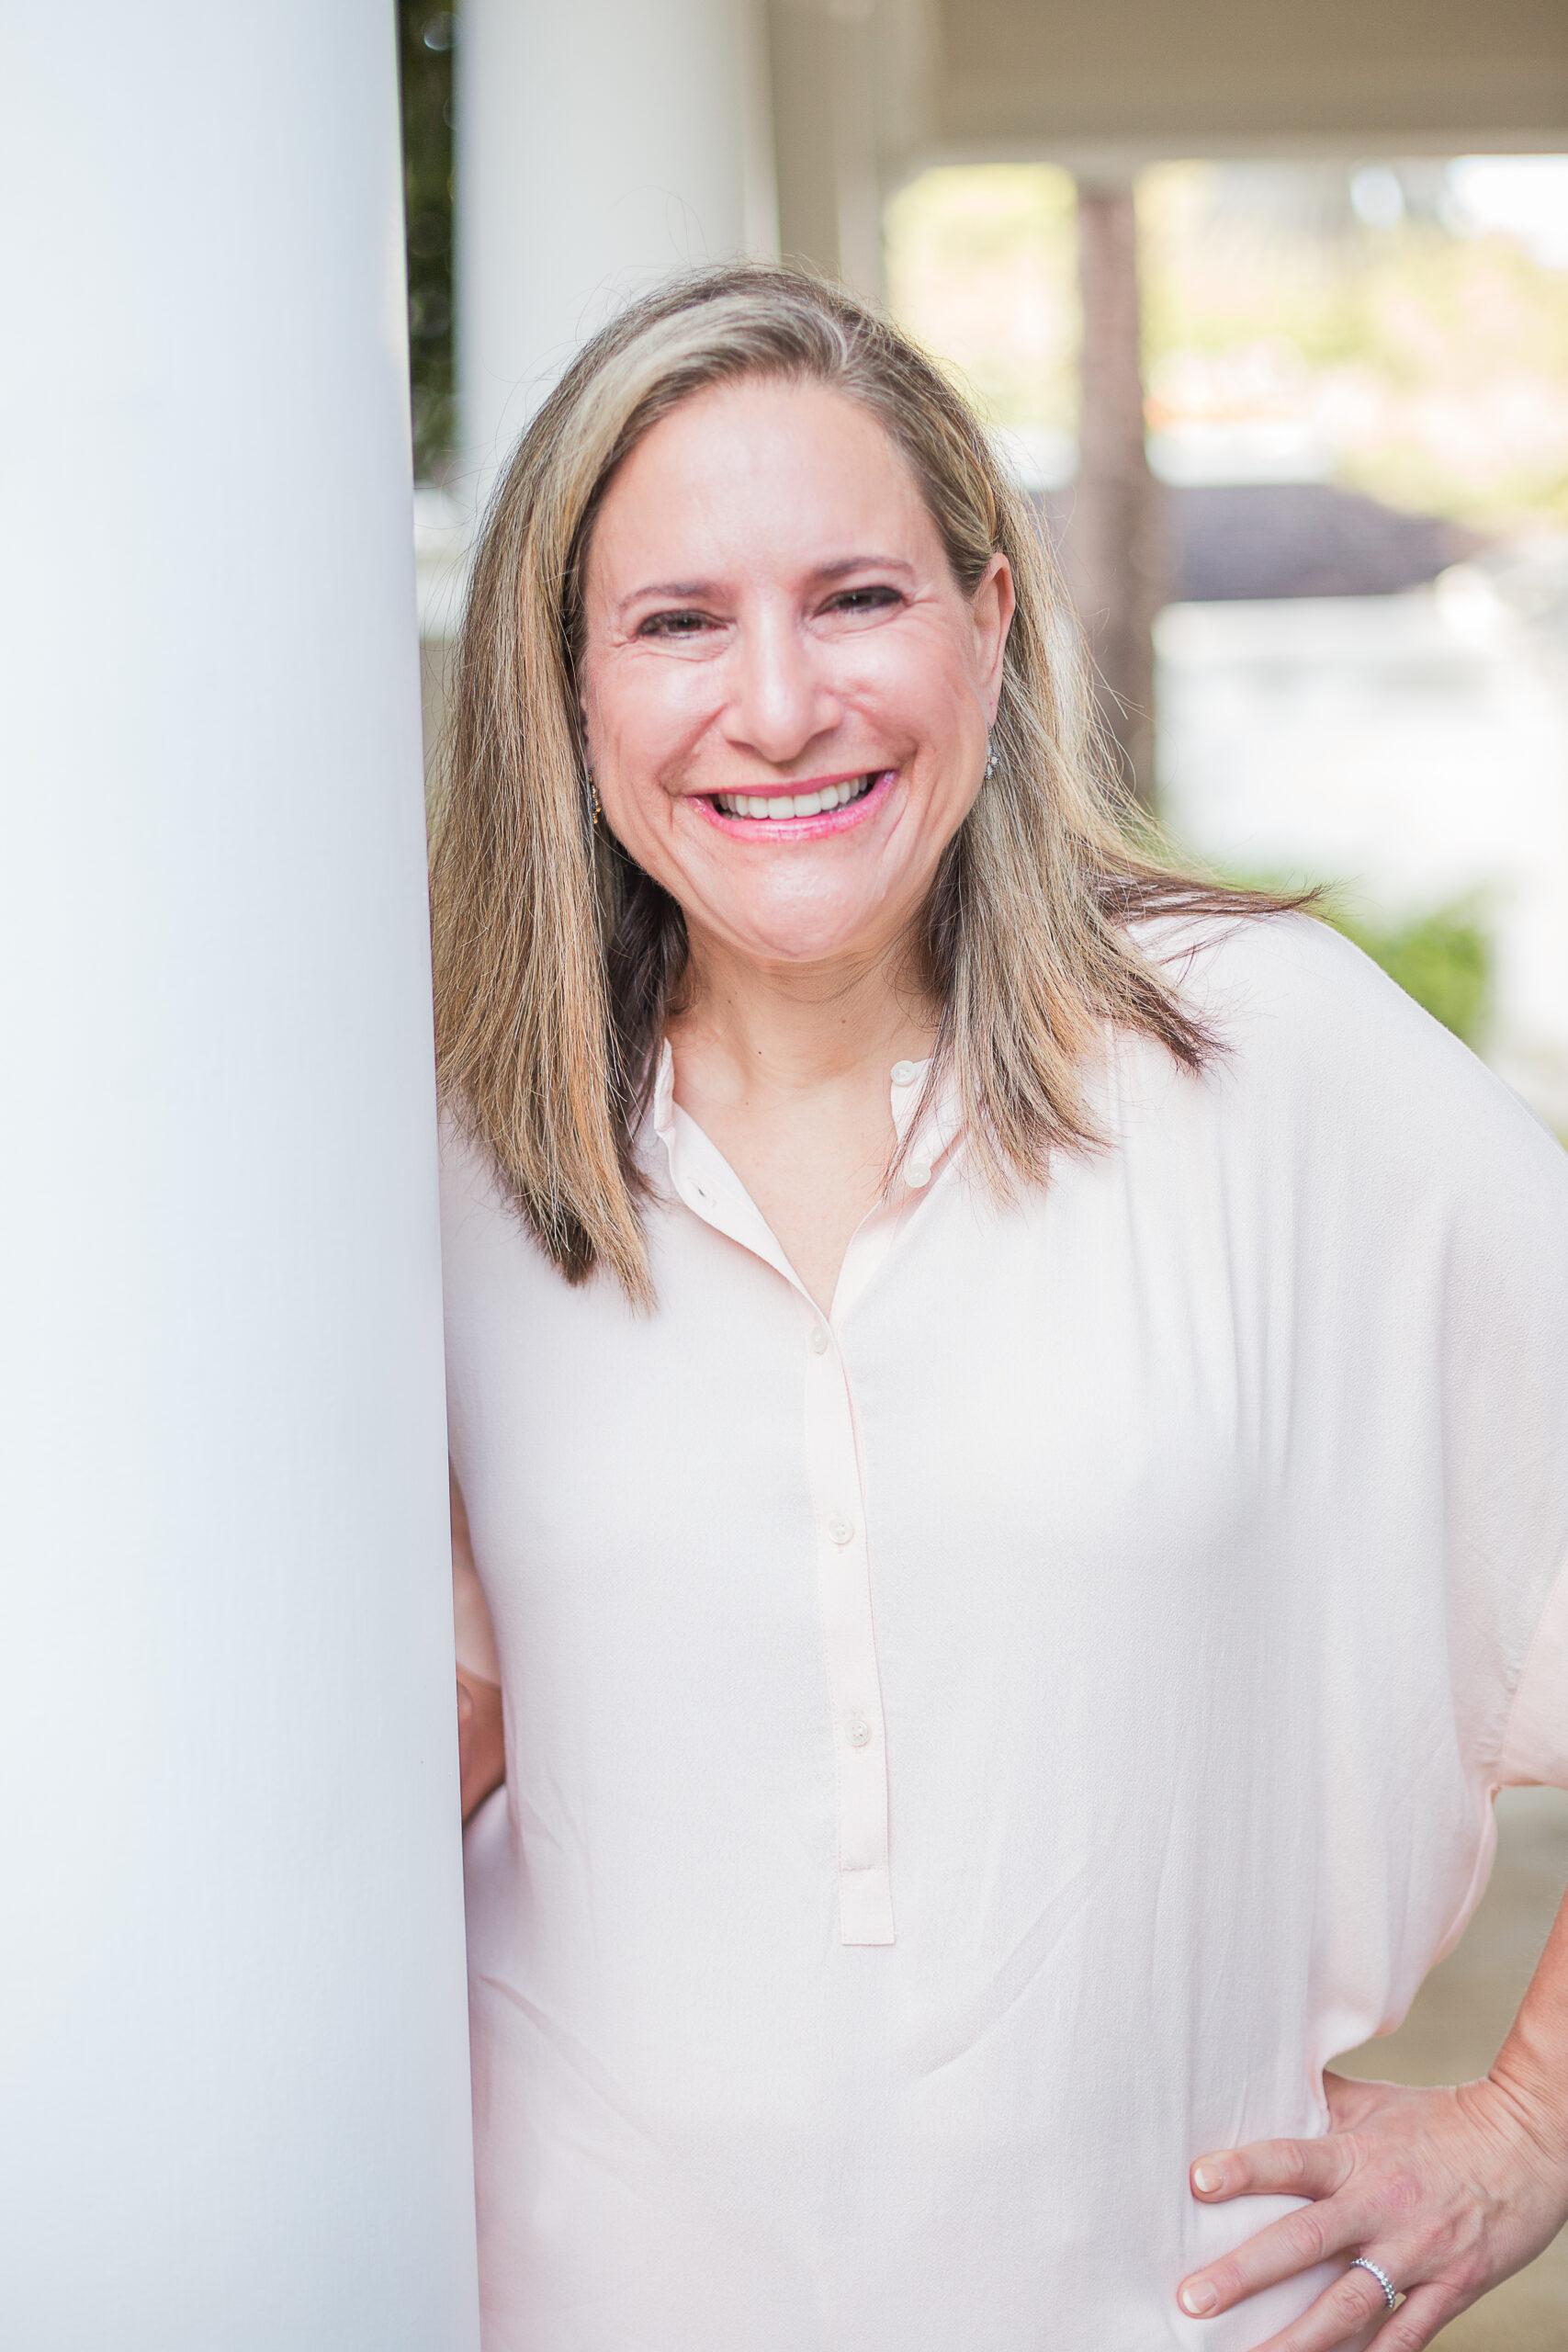 Julie Datnow